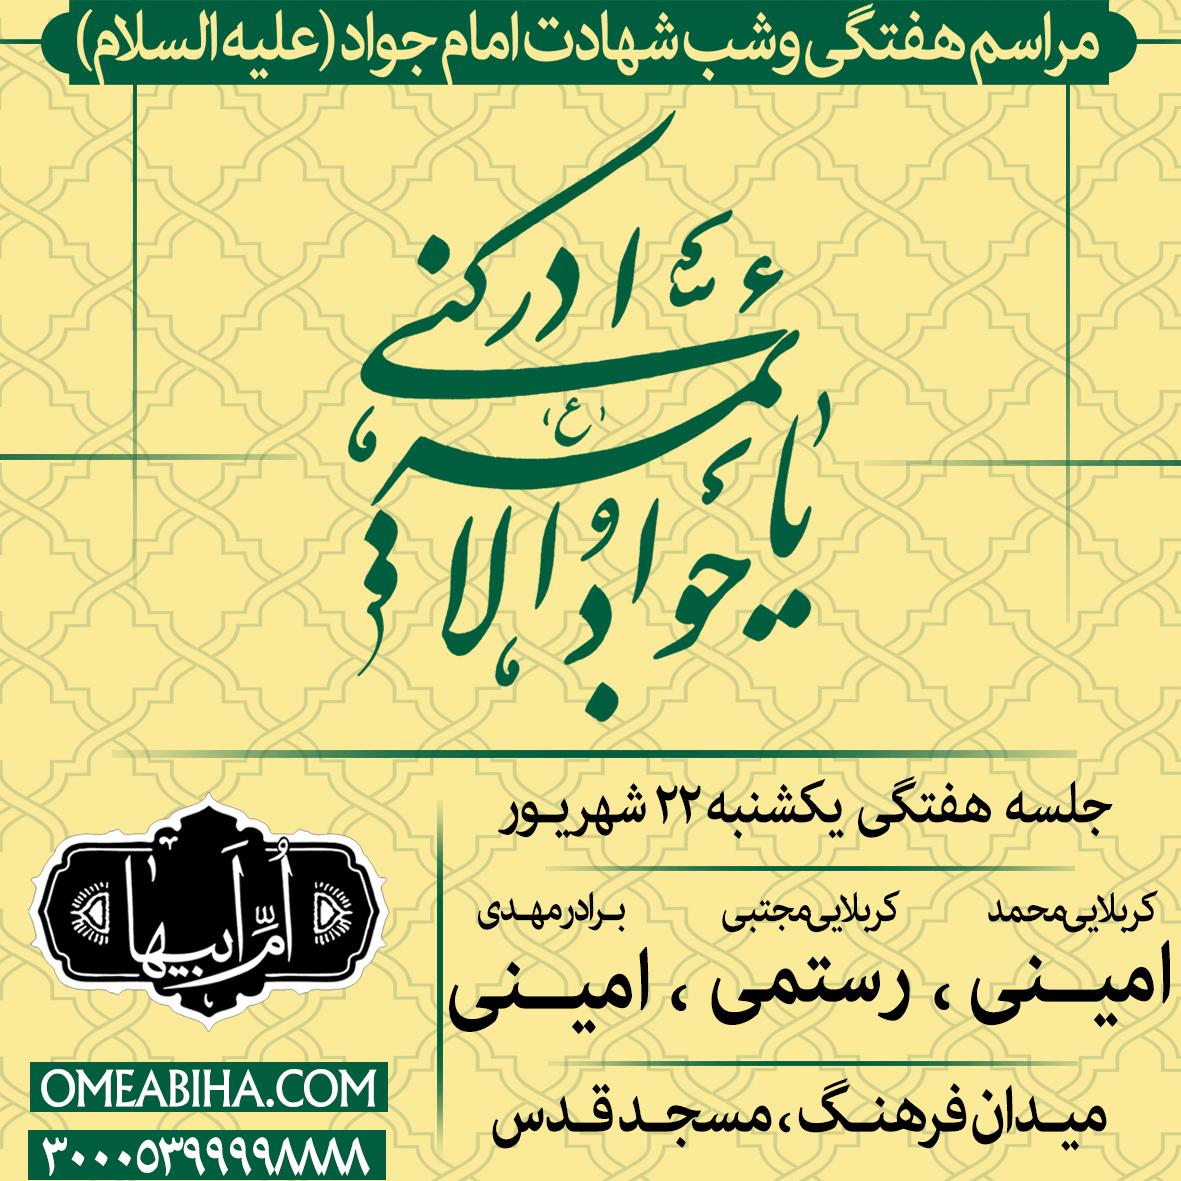 دانلود :شب شهادت امام جواد(ع) 1394 / هیئت ام ابیها(س)رشت